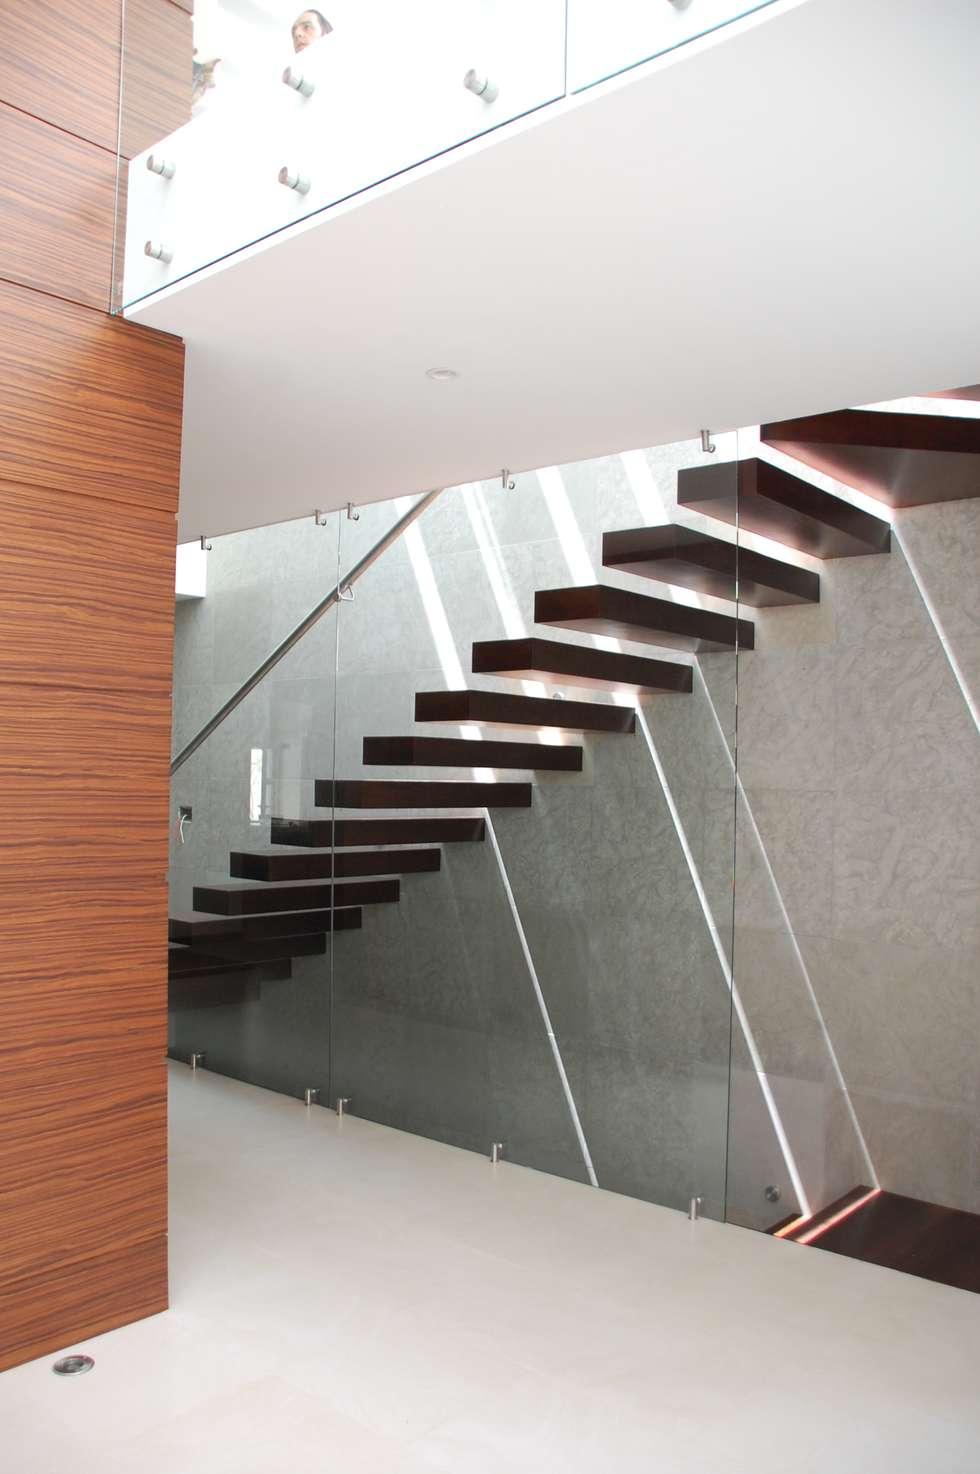 escaleras: Pasillos y recibidores de estilo  por iarkitektura